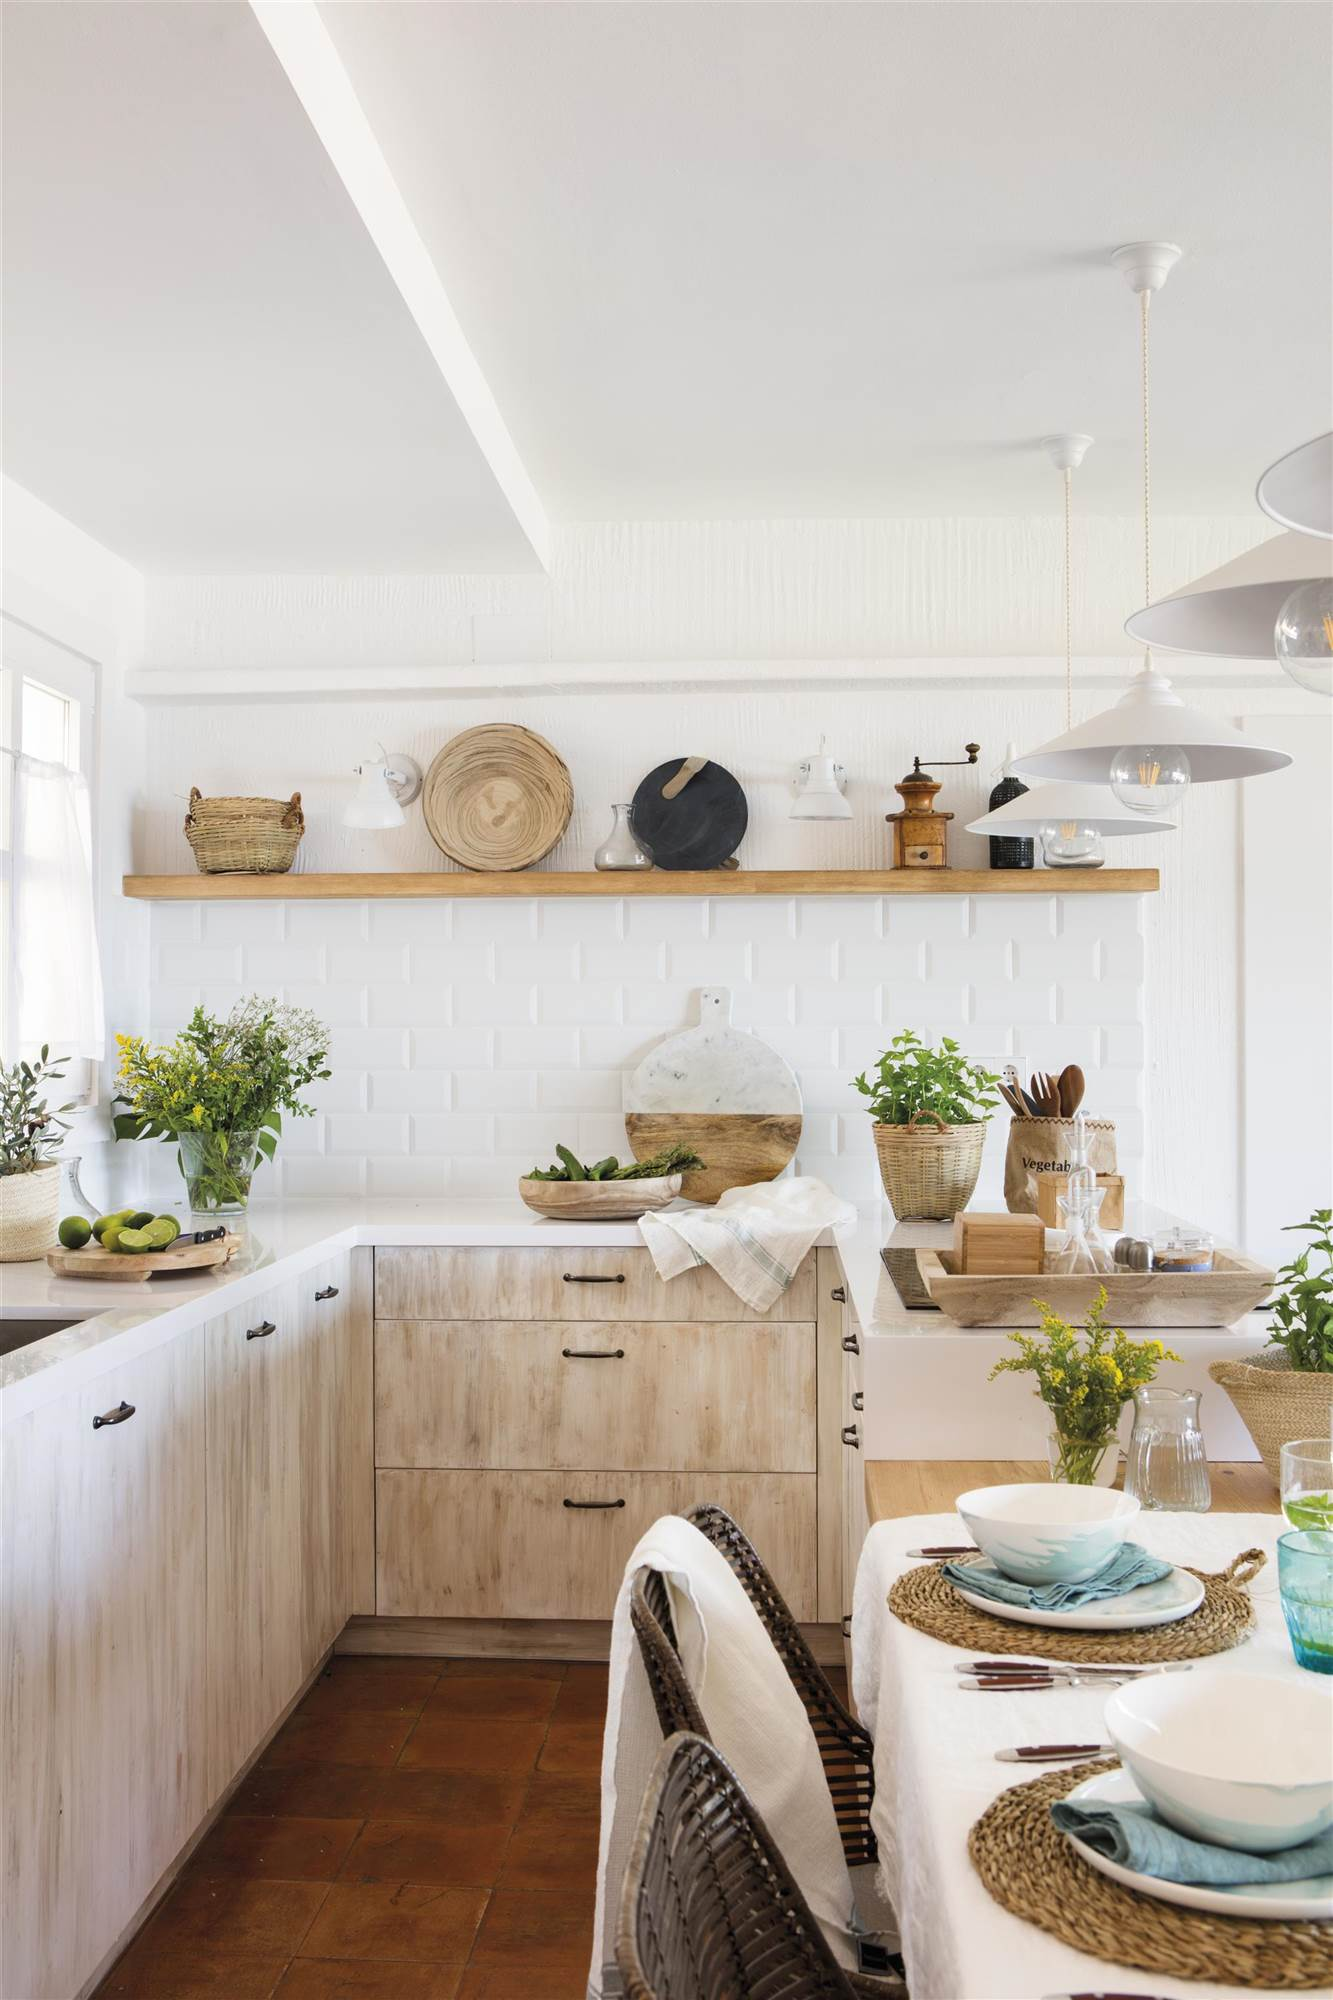 15 fotos de cocinas peque as bien aprovechadas Como organizar una cocina pequena fotos